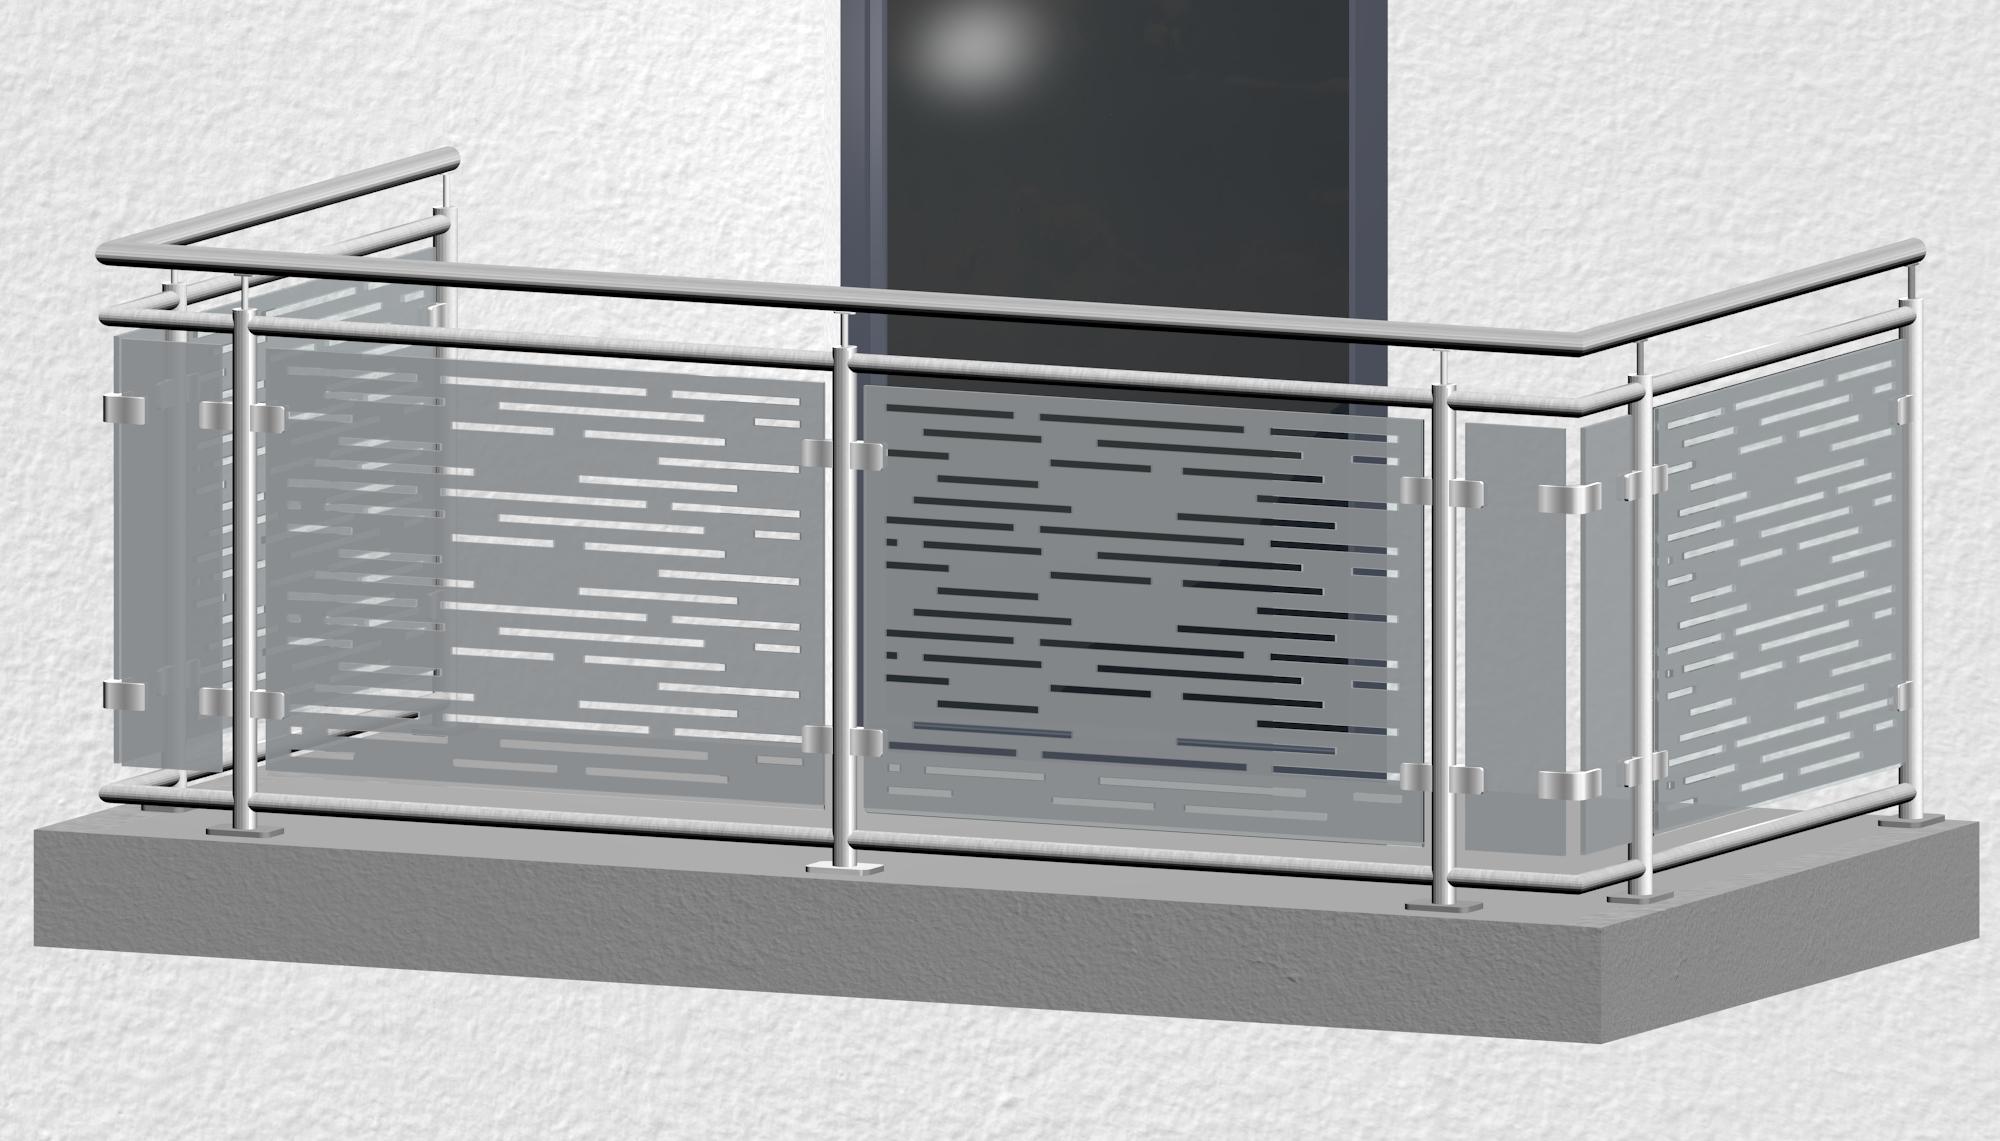 Balkongeländer Edelstahl Designglas SF HO